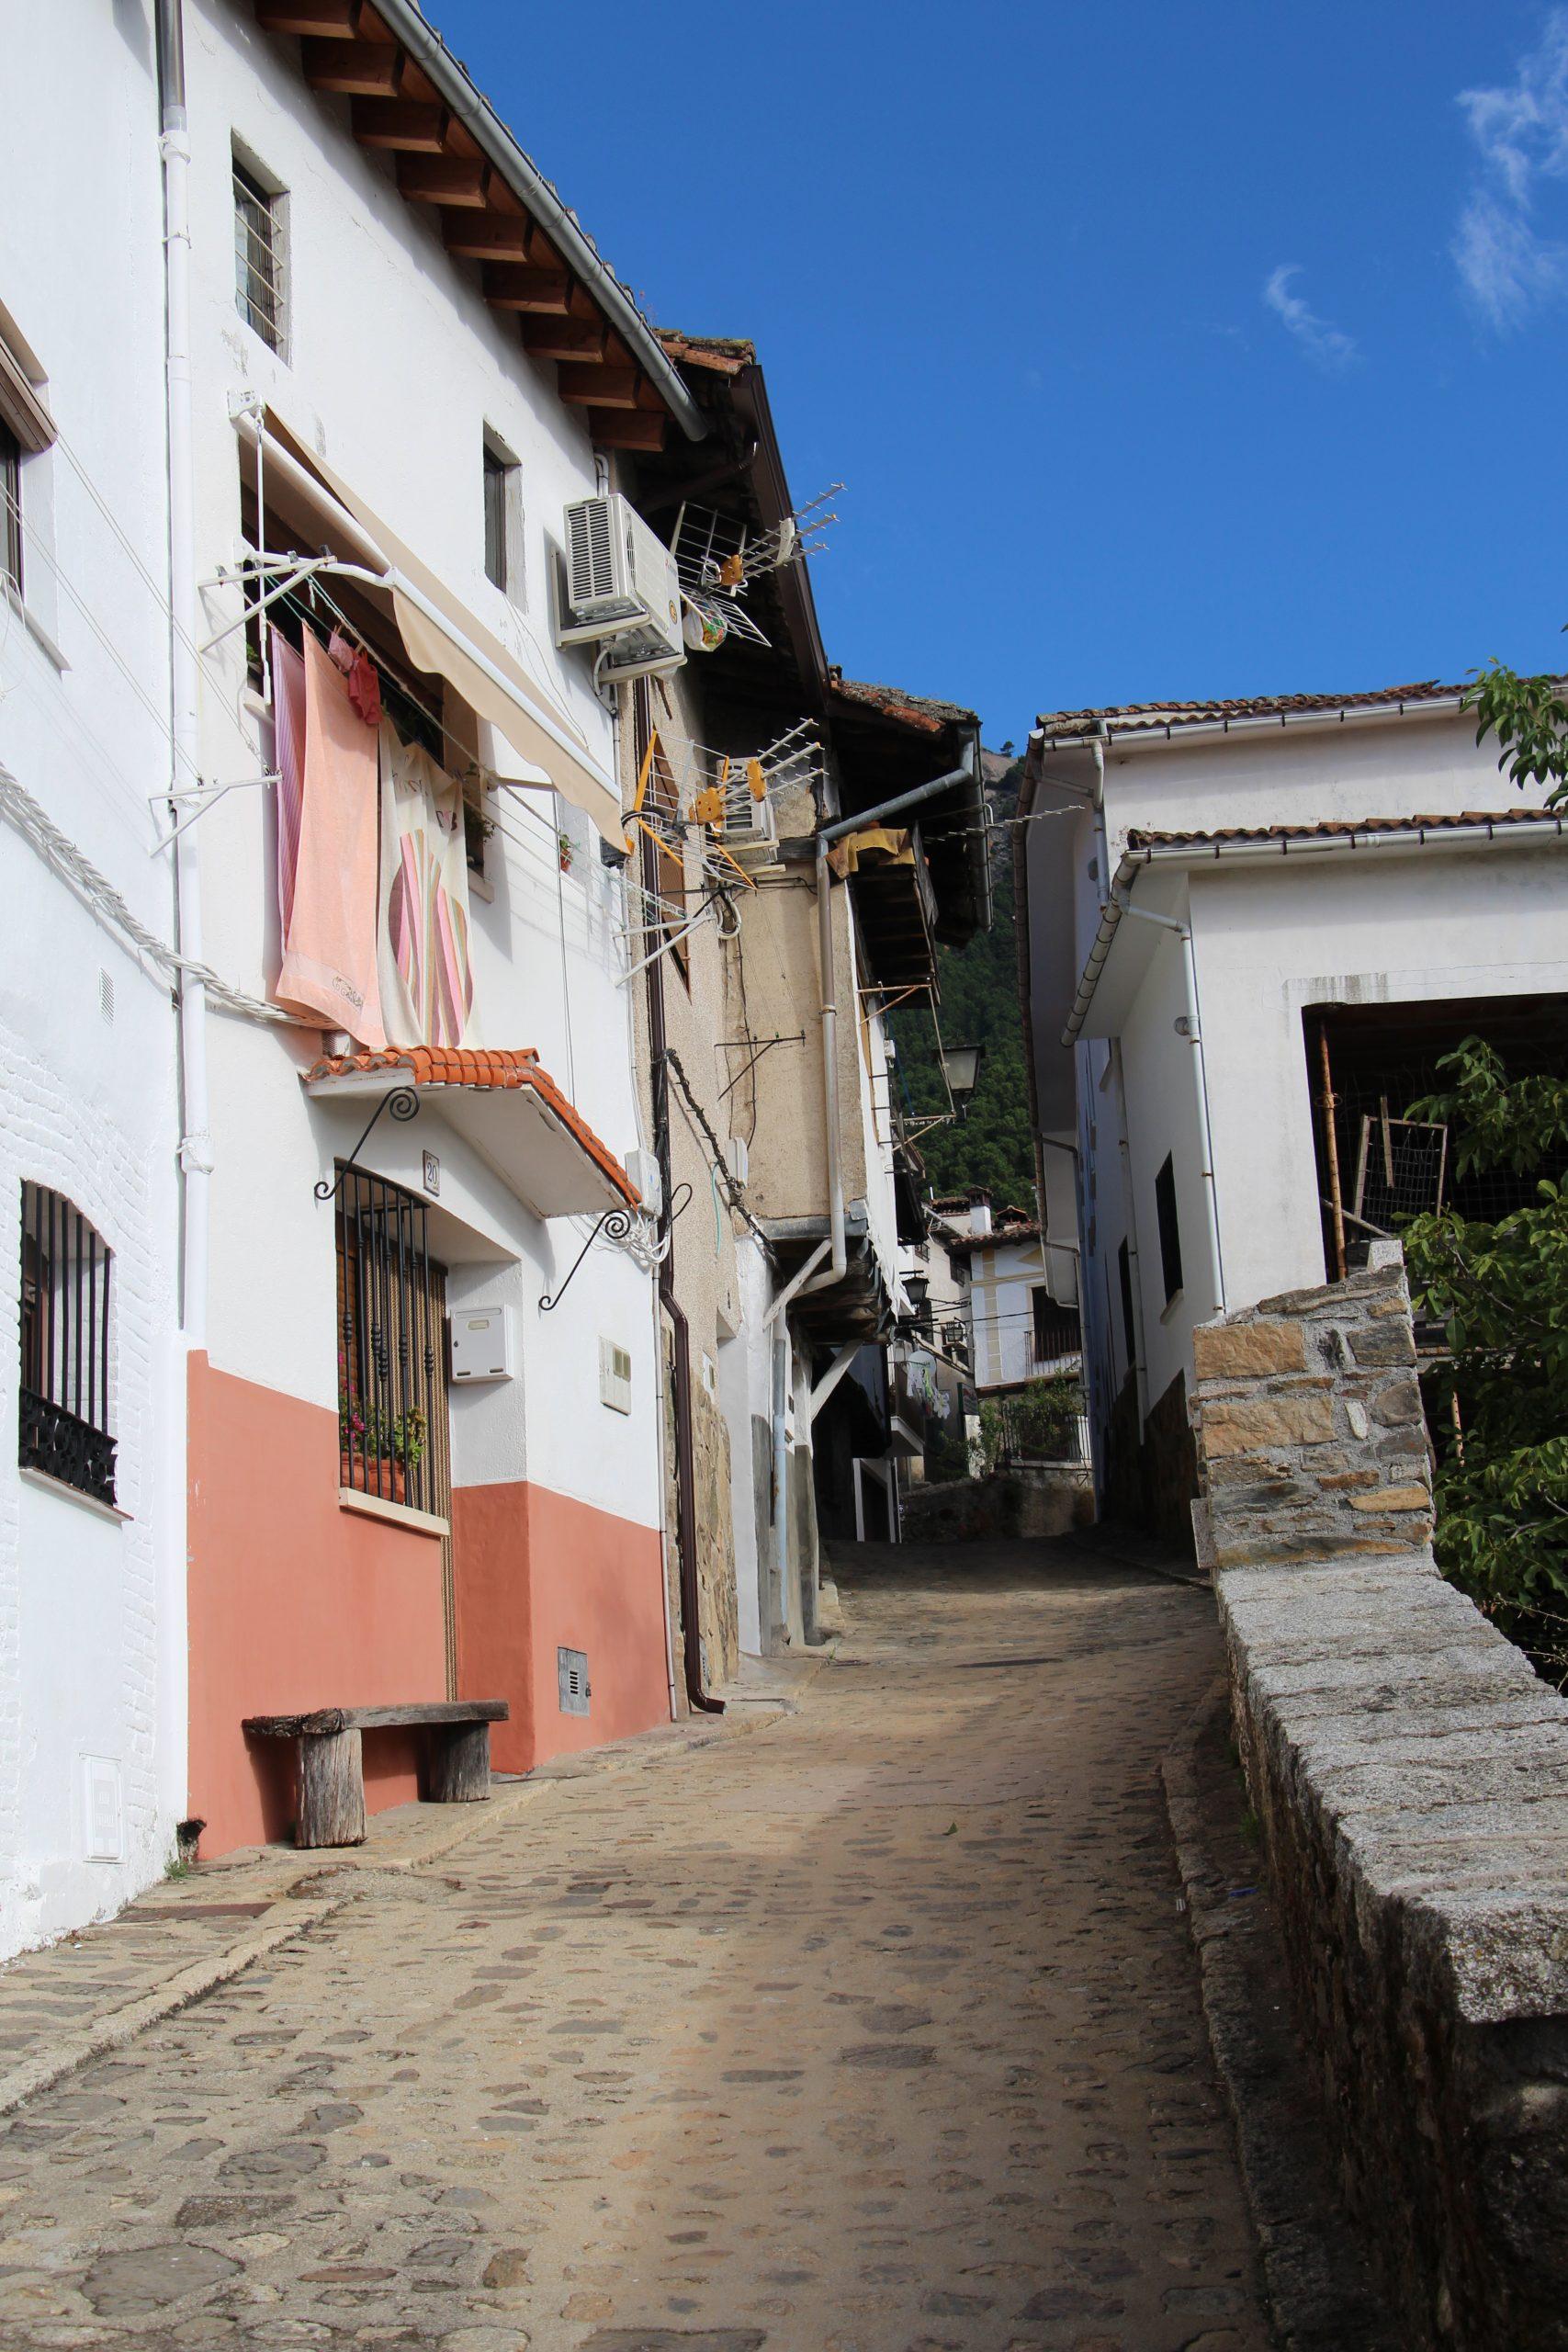 -Calle empinada de Guisando-